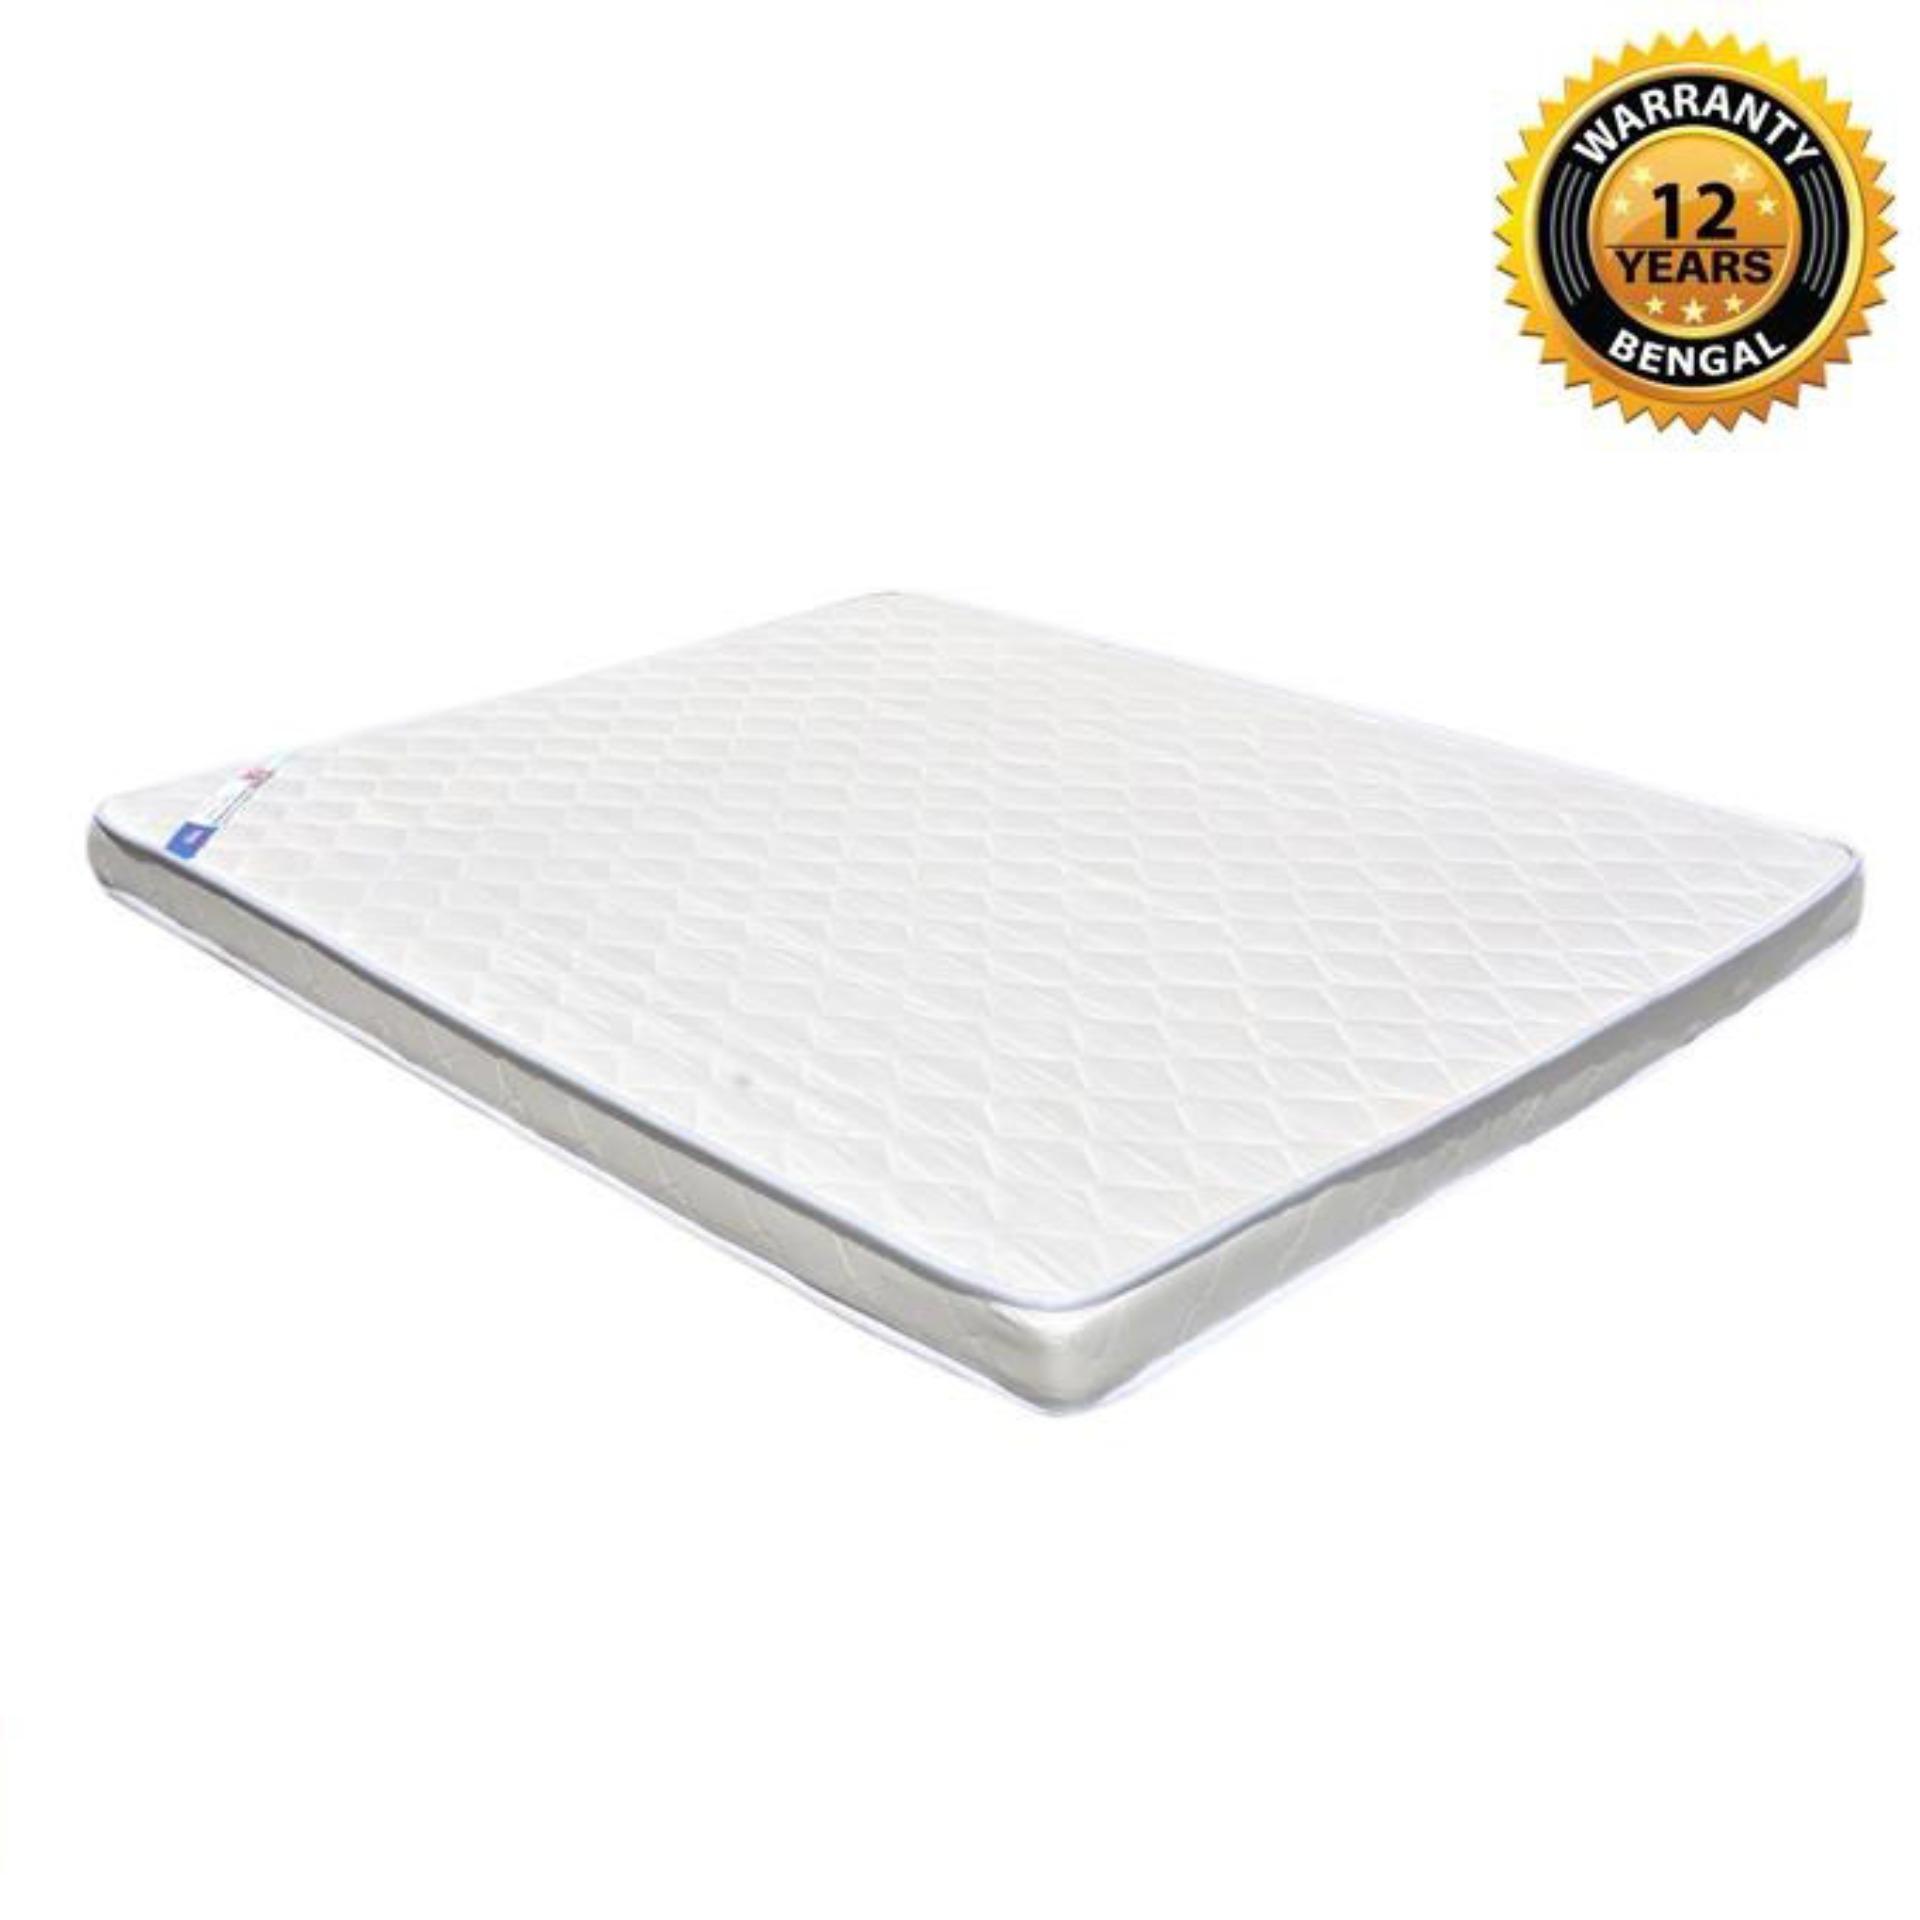 """Bengal Spring Mattress (84""""x60""""x12"""") - White"""